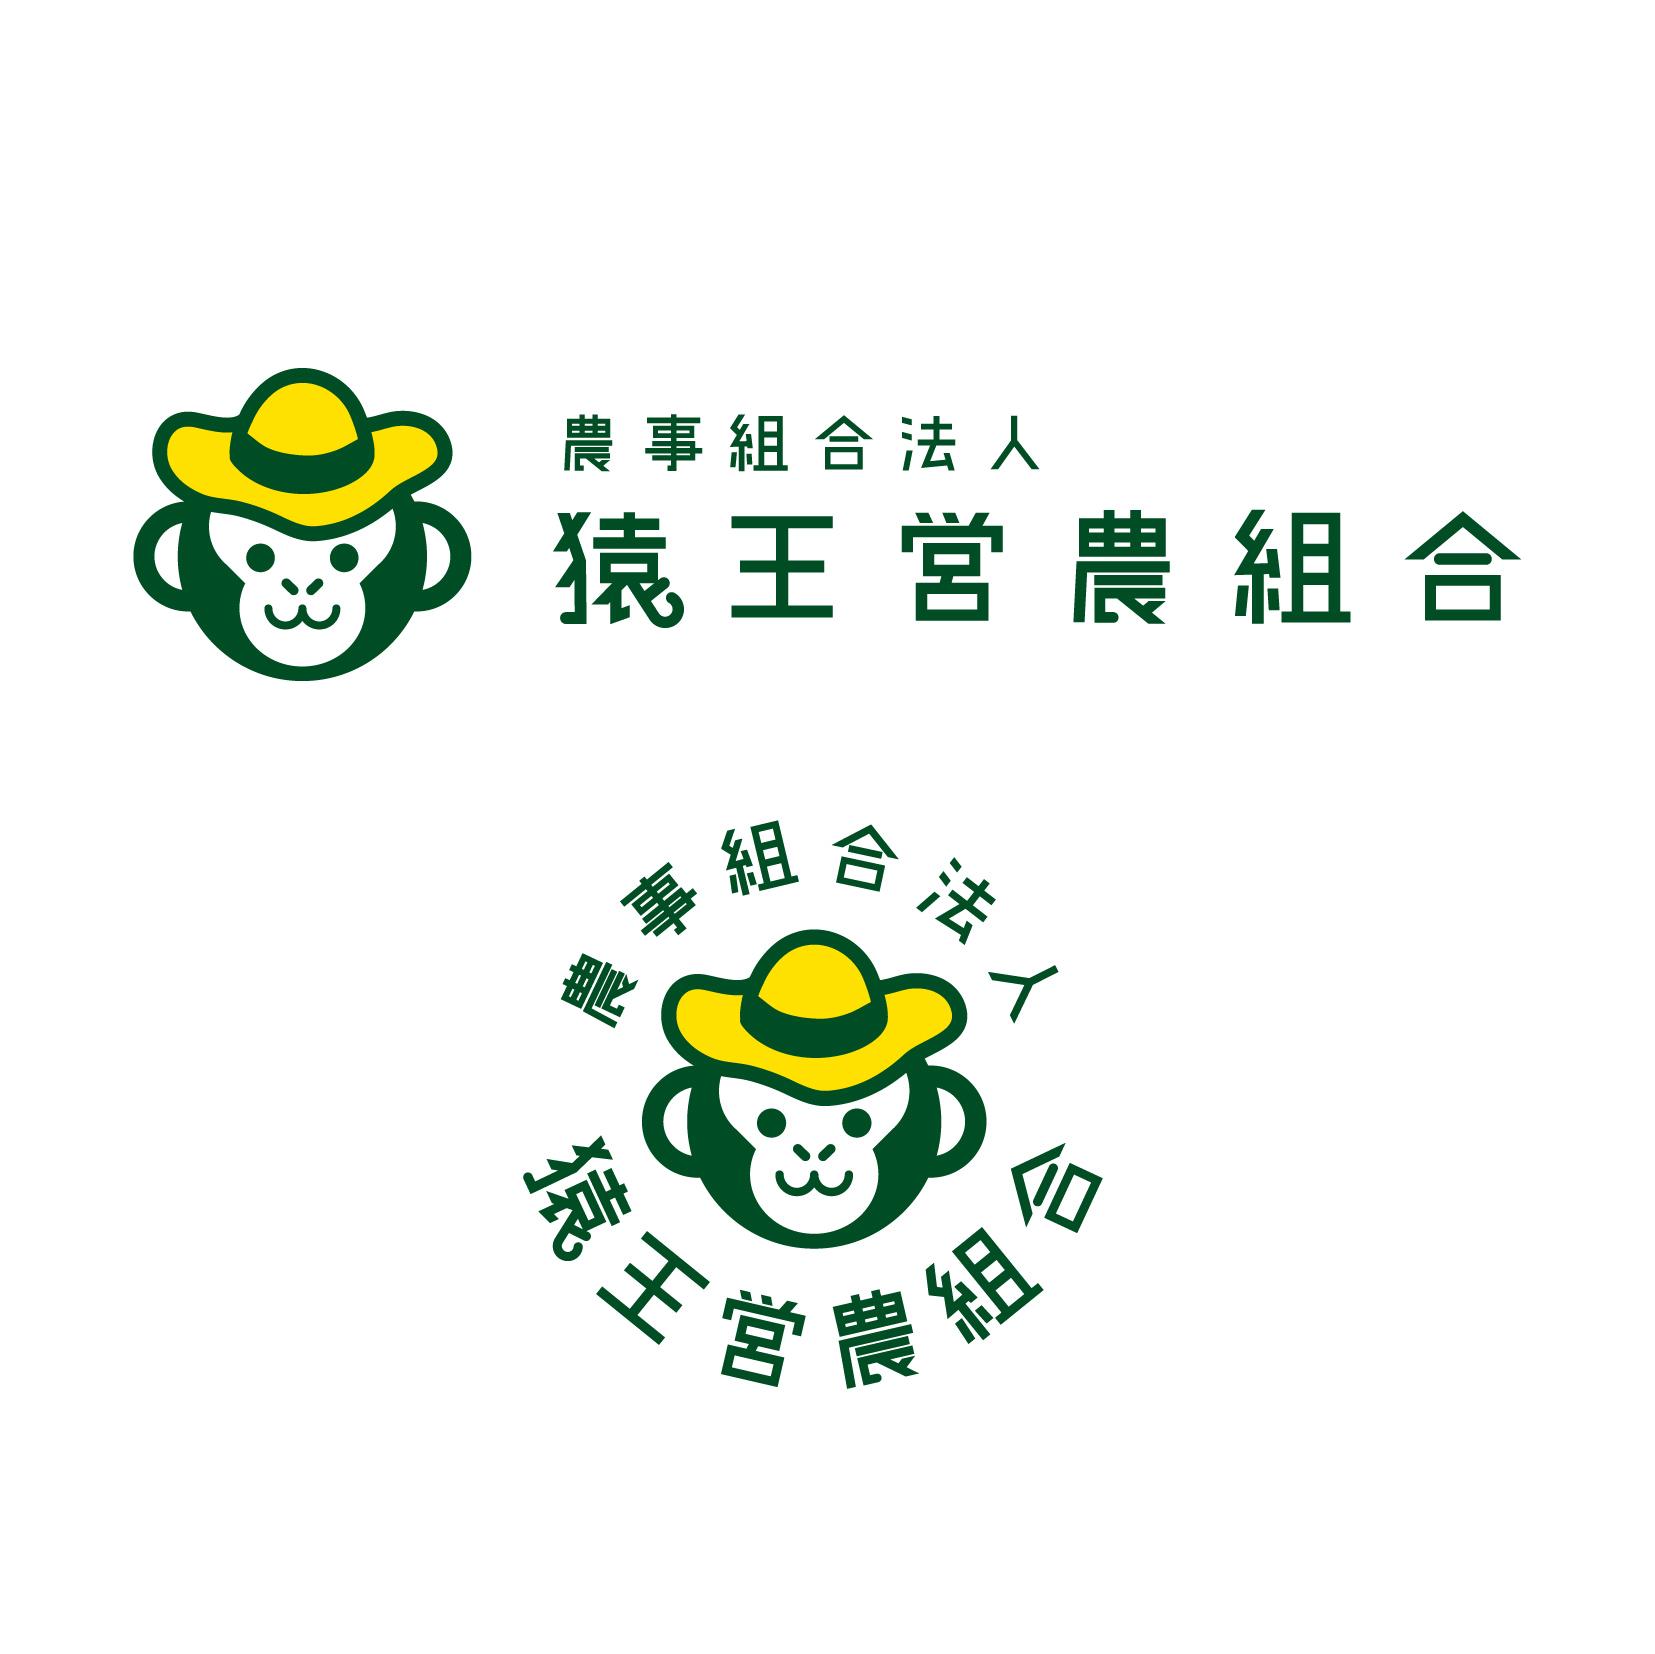 猿王営農組合,綾川,丸亀,ロゴマーク,米,猿